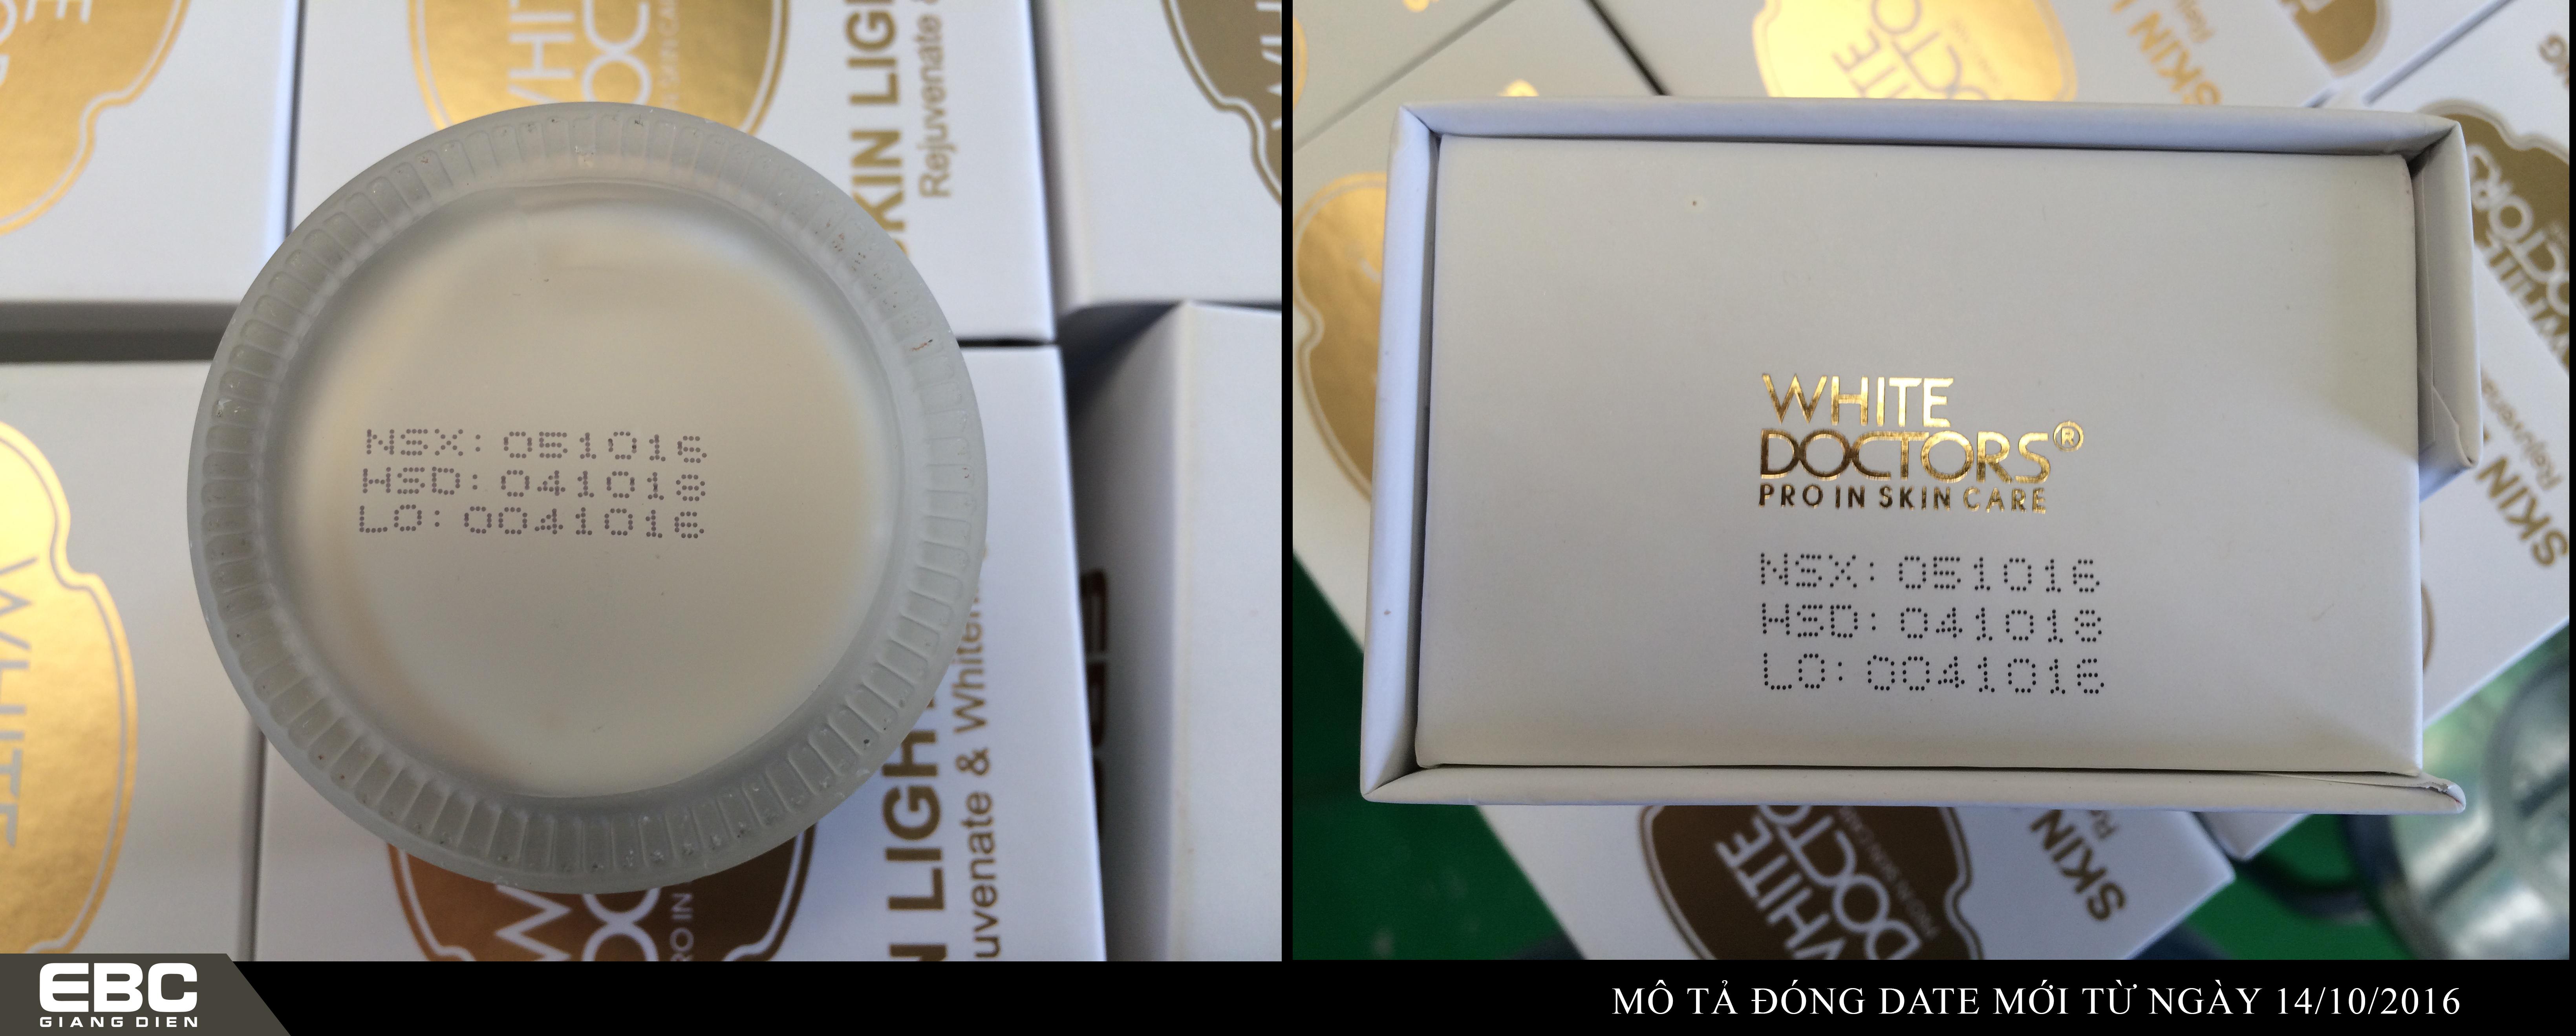 Mỹ phẩm Mai Hân thông báo thay đổi quy cách in date lên sản phẩm White Doctors